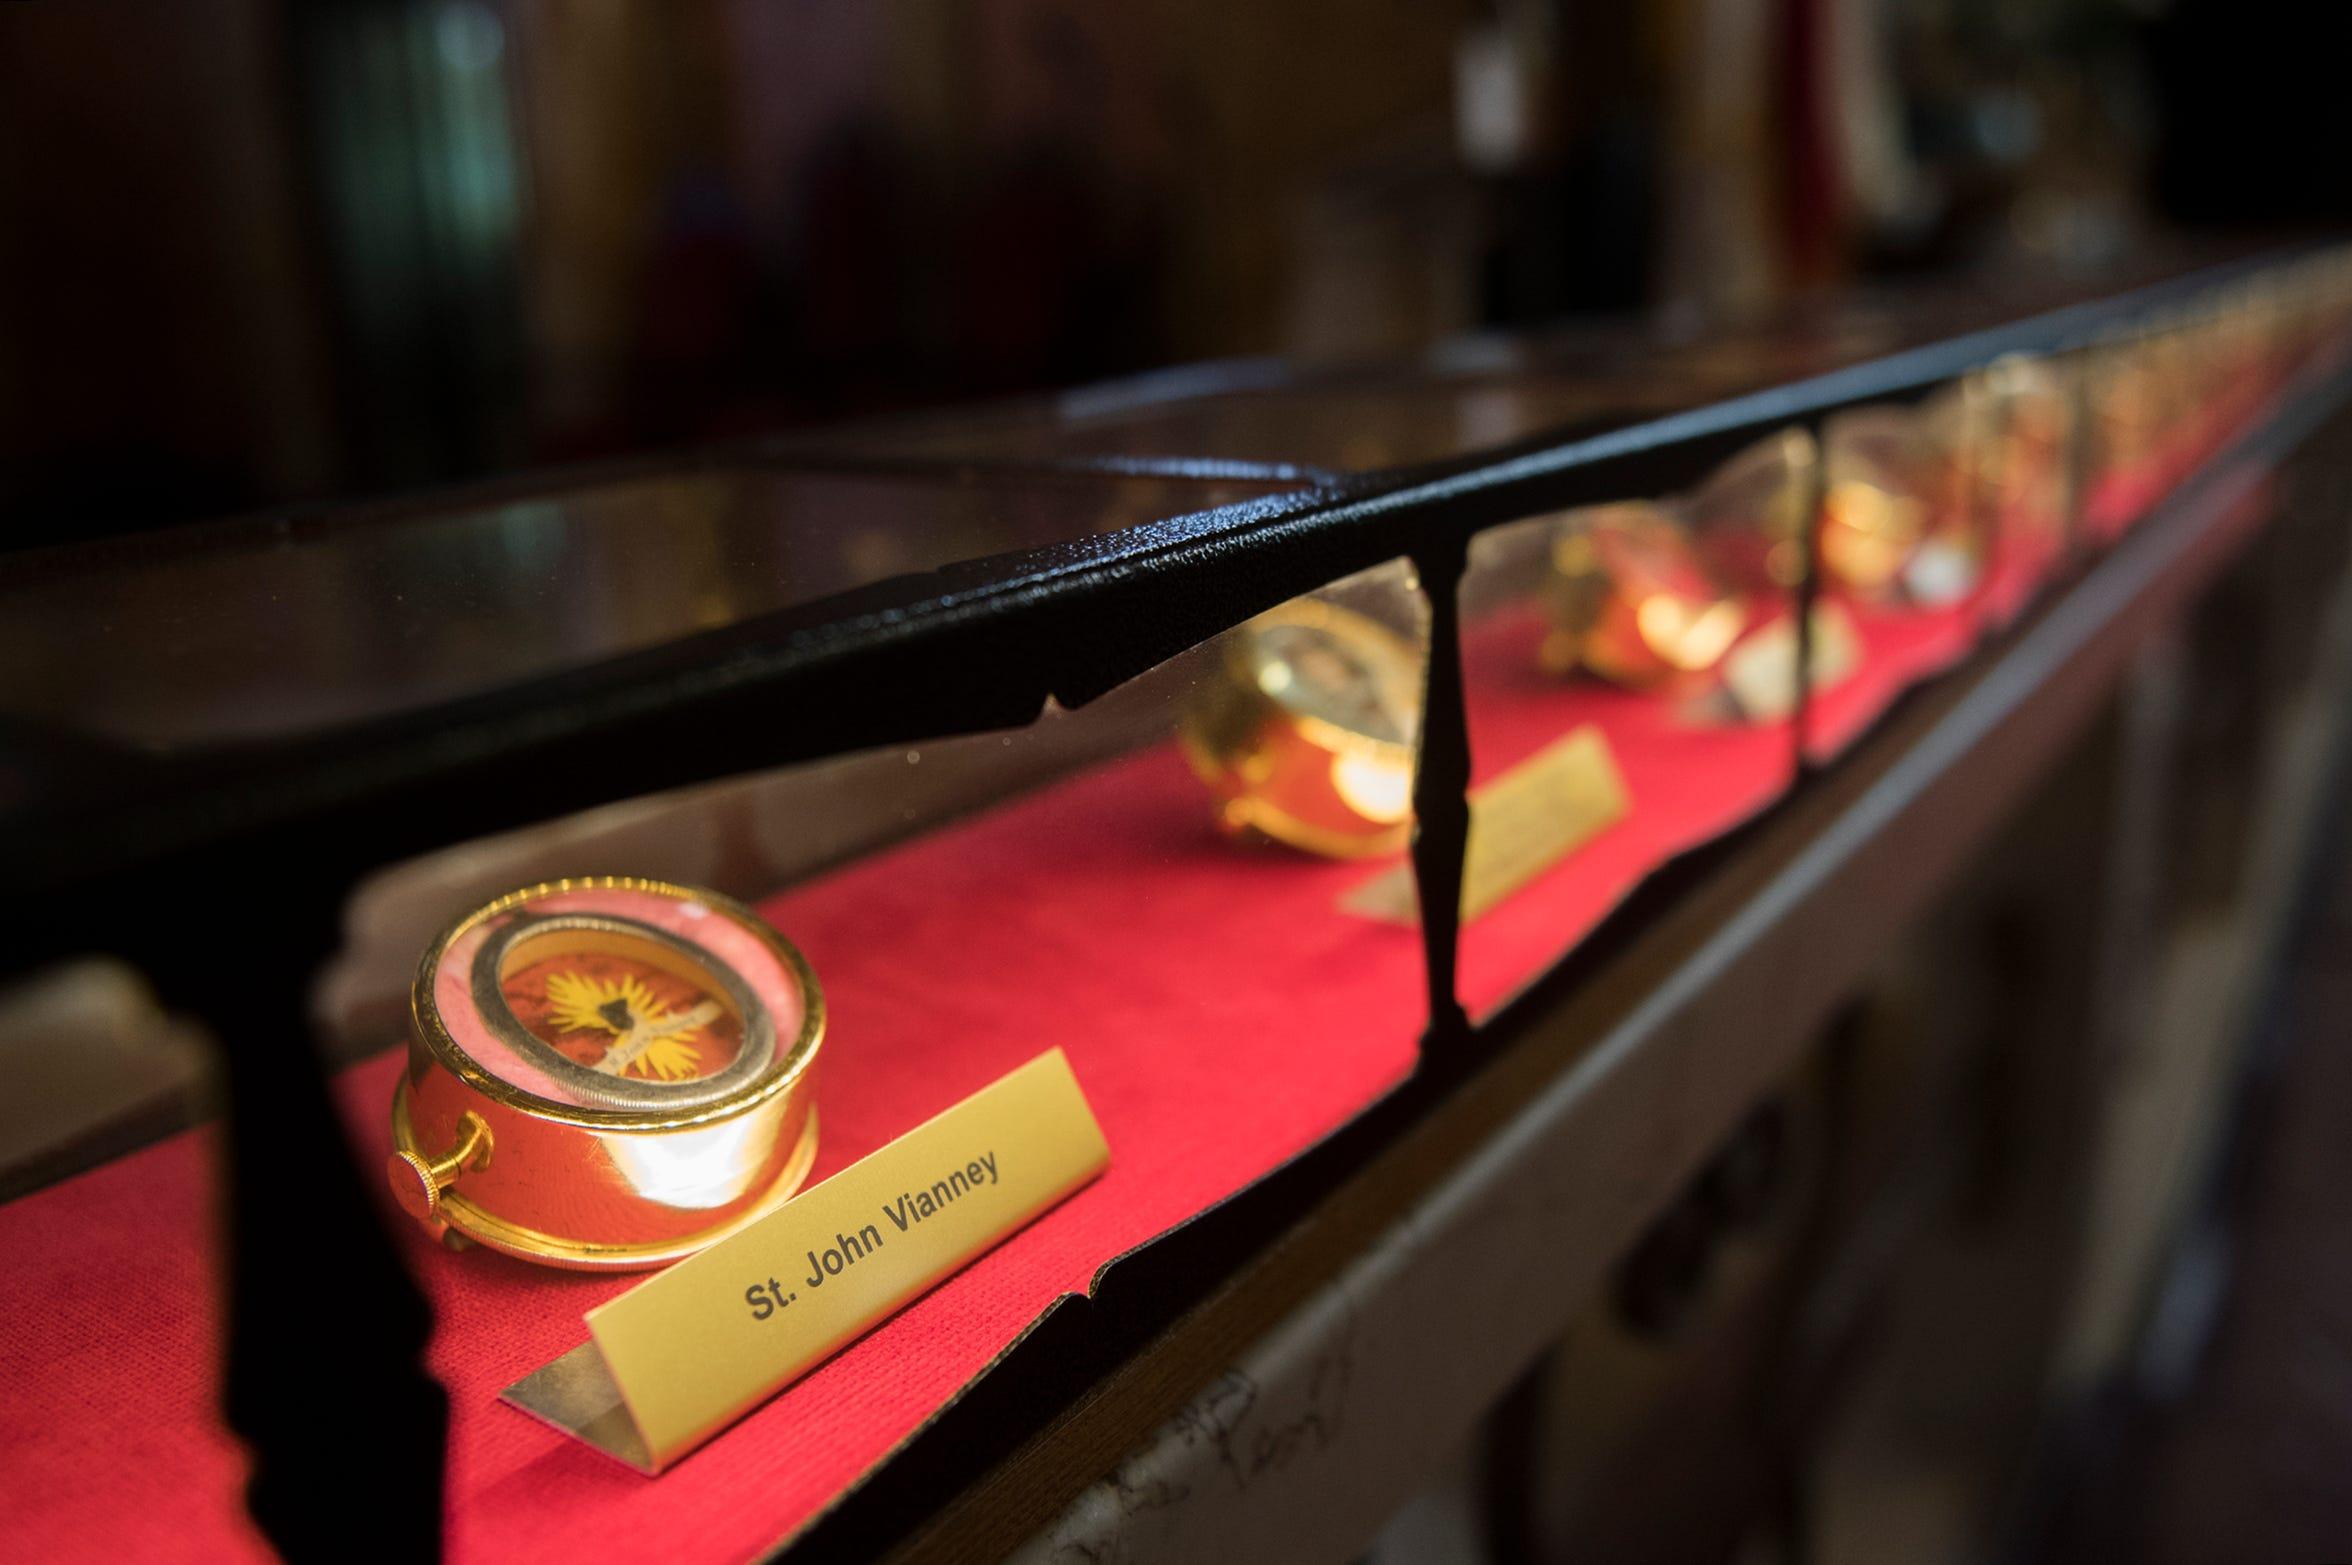 Dozens of relics on display inside St. Joseph Roman Catholic Church Thursday, Feb. 28, 2019 in Camden, N.J.